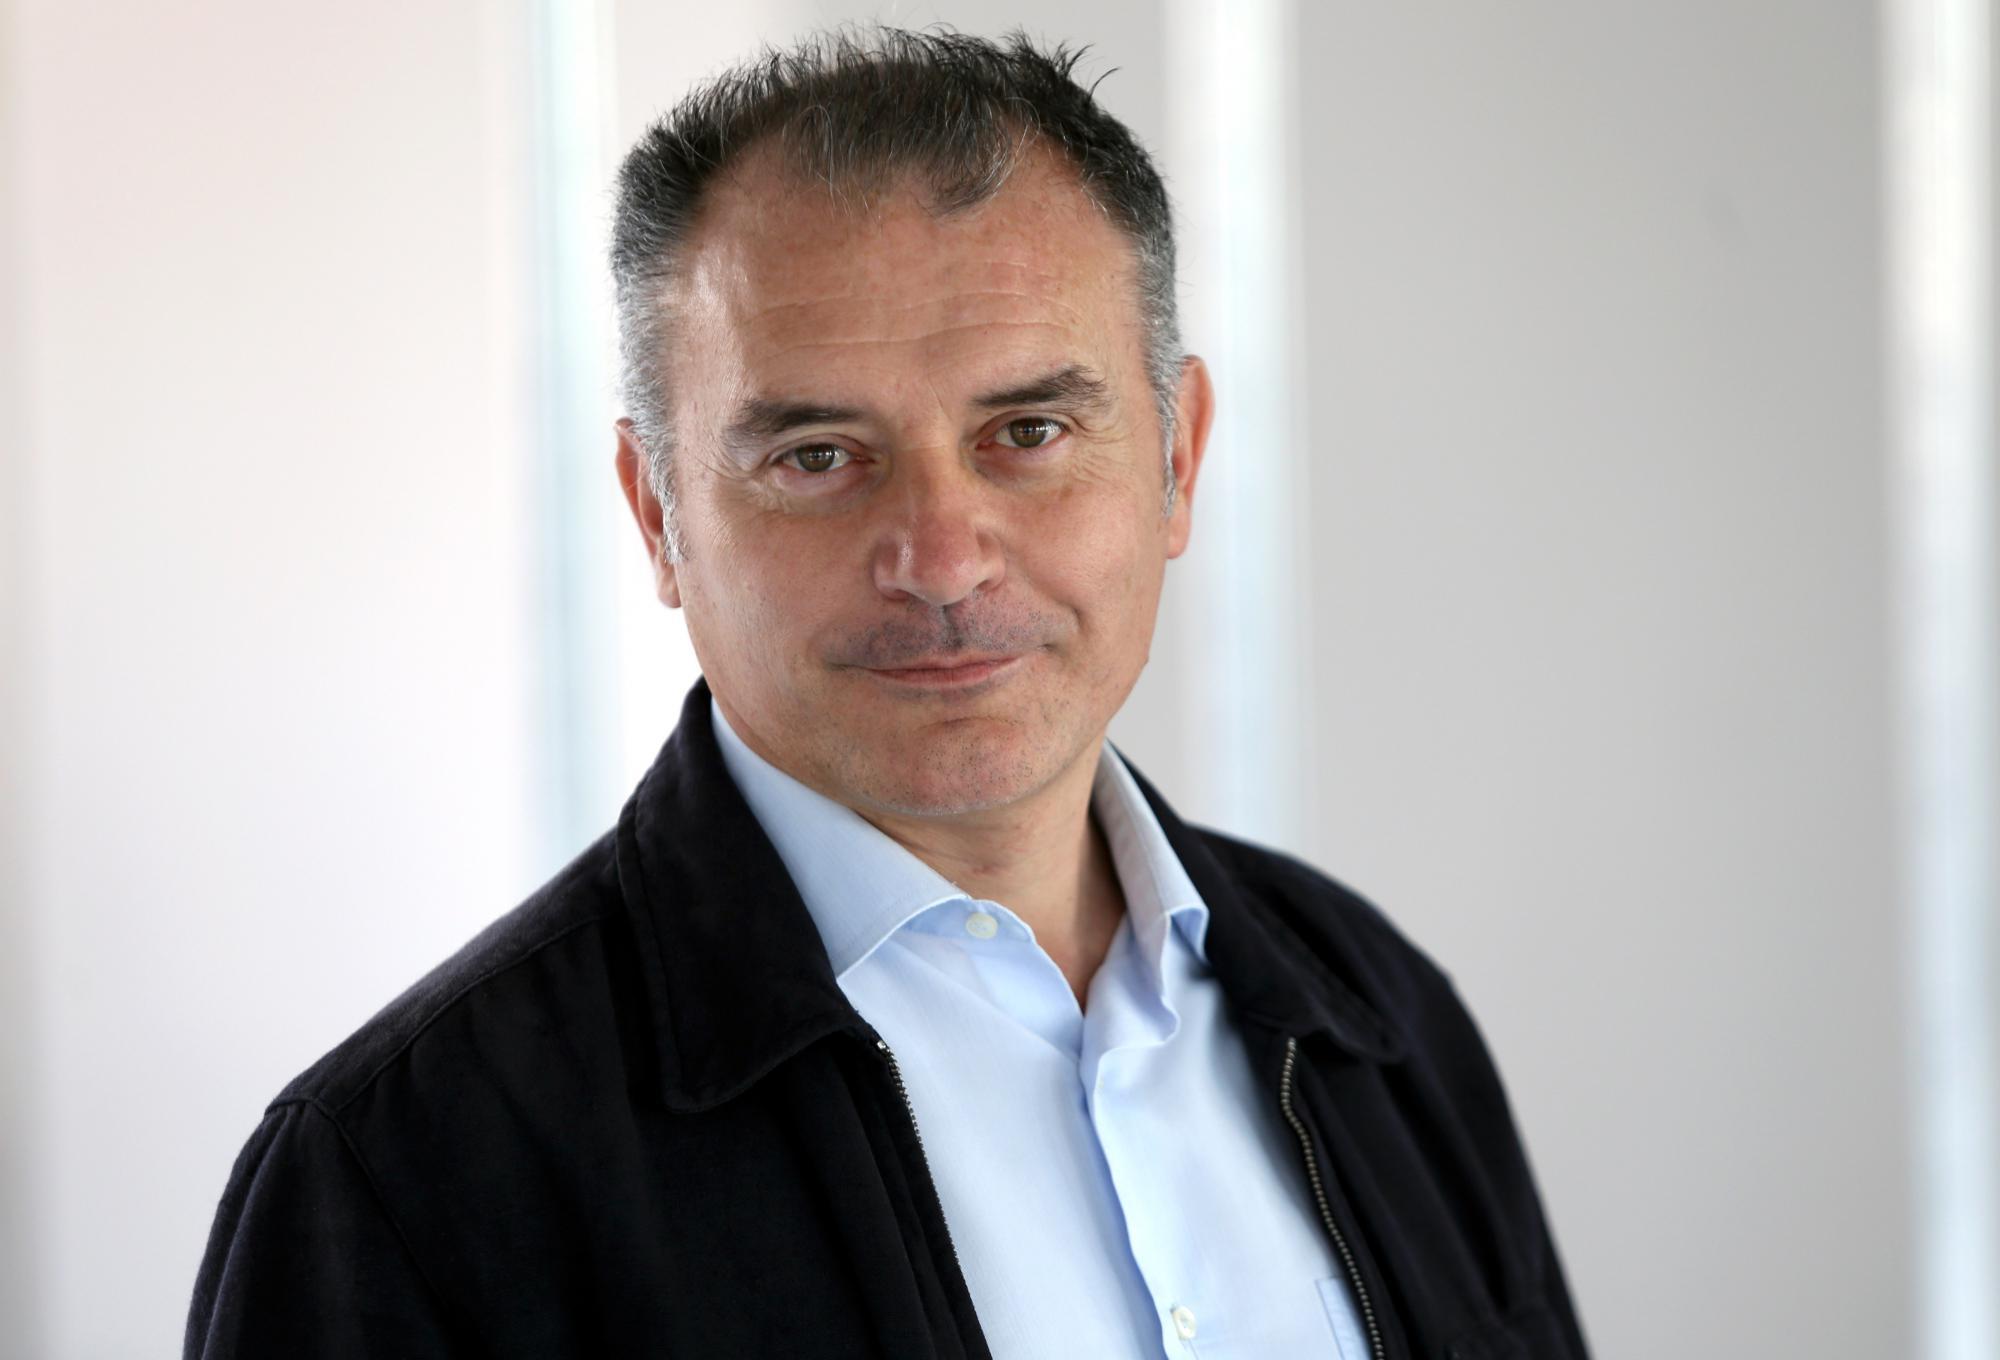 Llega a nuestras librerías la biografía de José María García, un periodista irrepetible